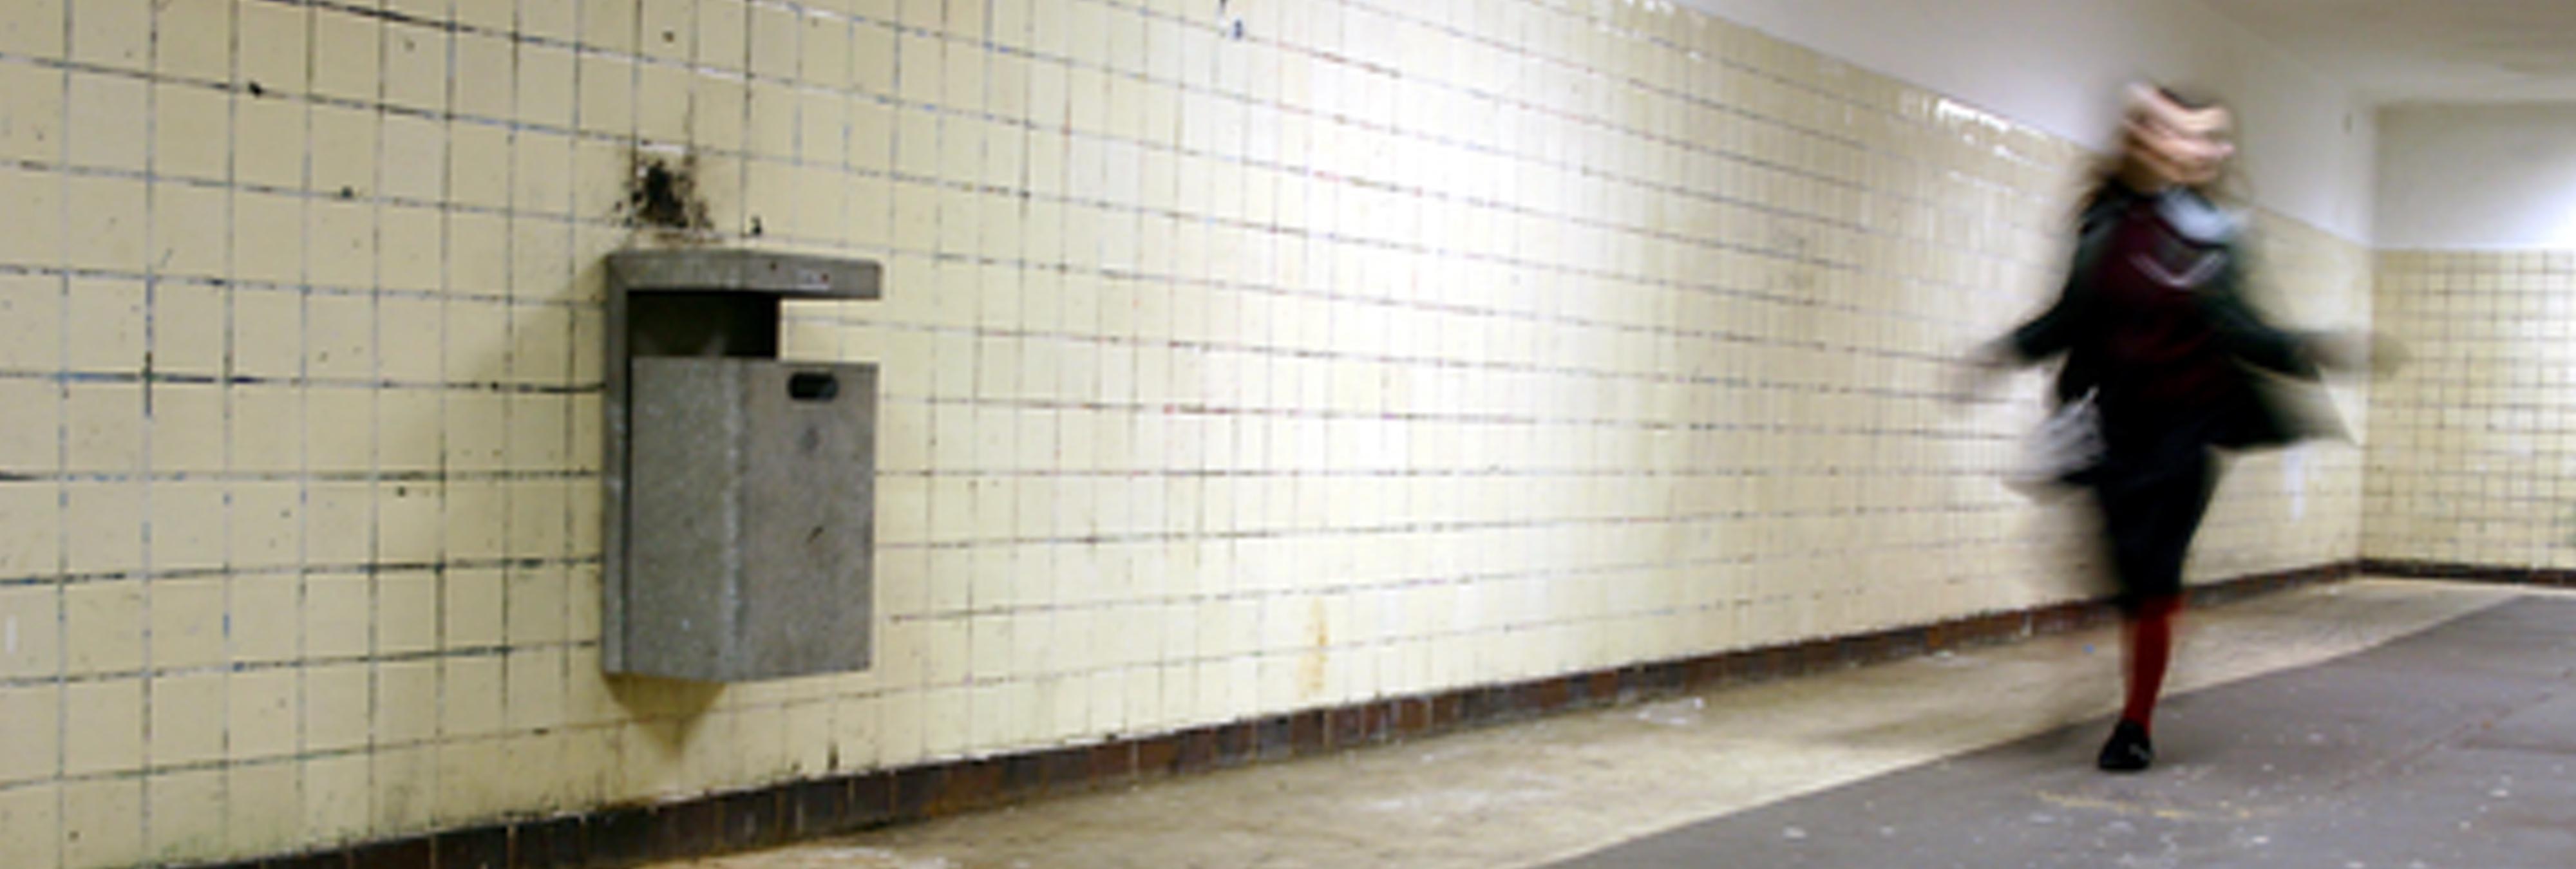 Detenido por violar a una mujer en el Metro de Valencia